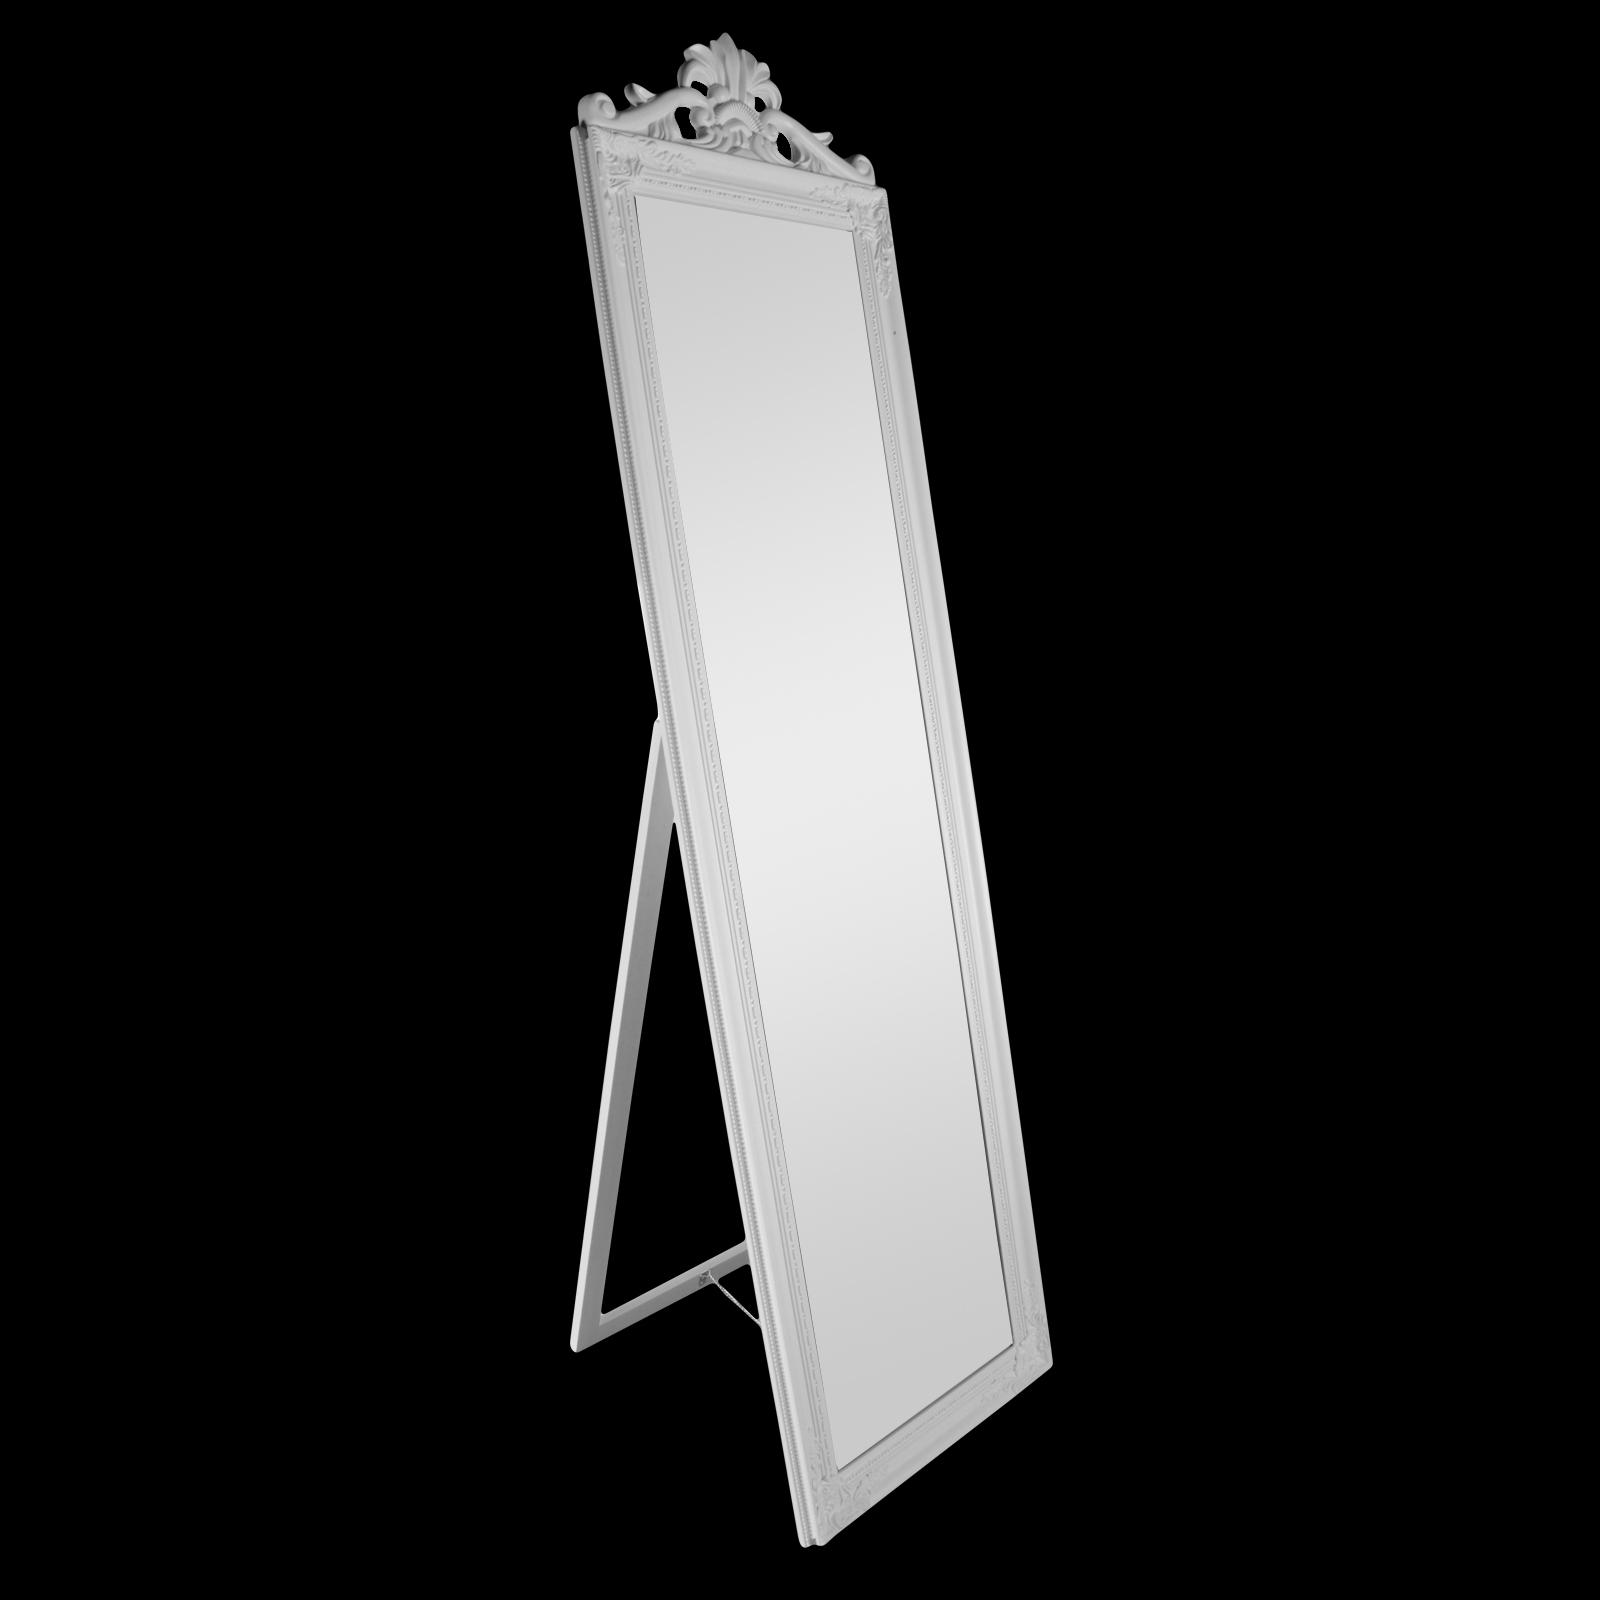 Standspiegel barock krone ankleidespiegel spiegel for Spiegel 40 2017